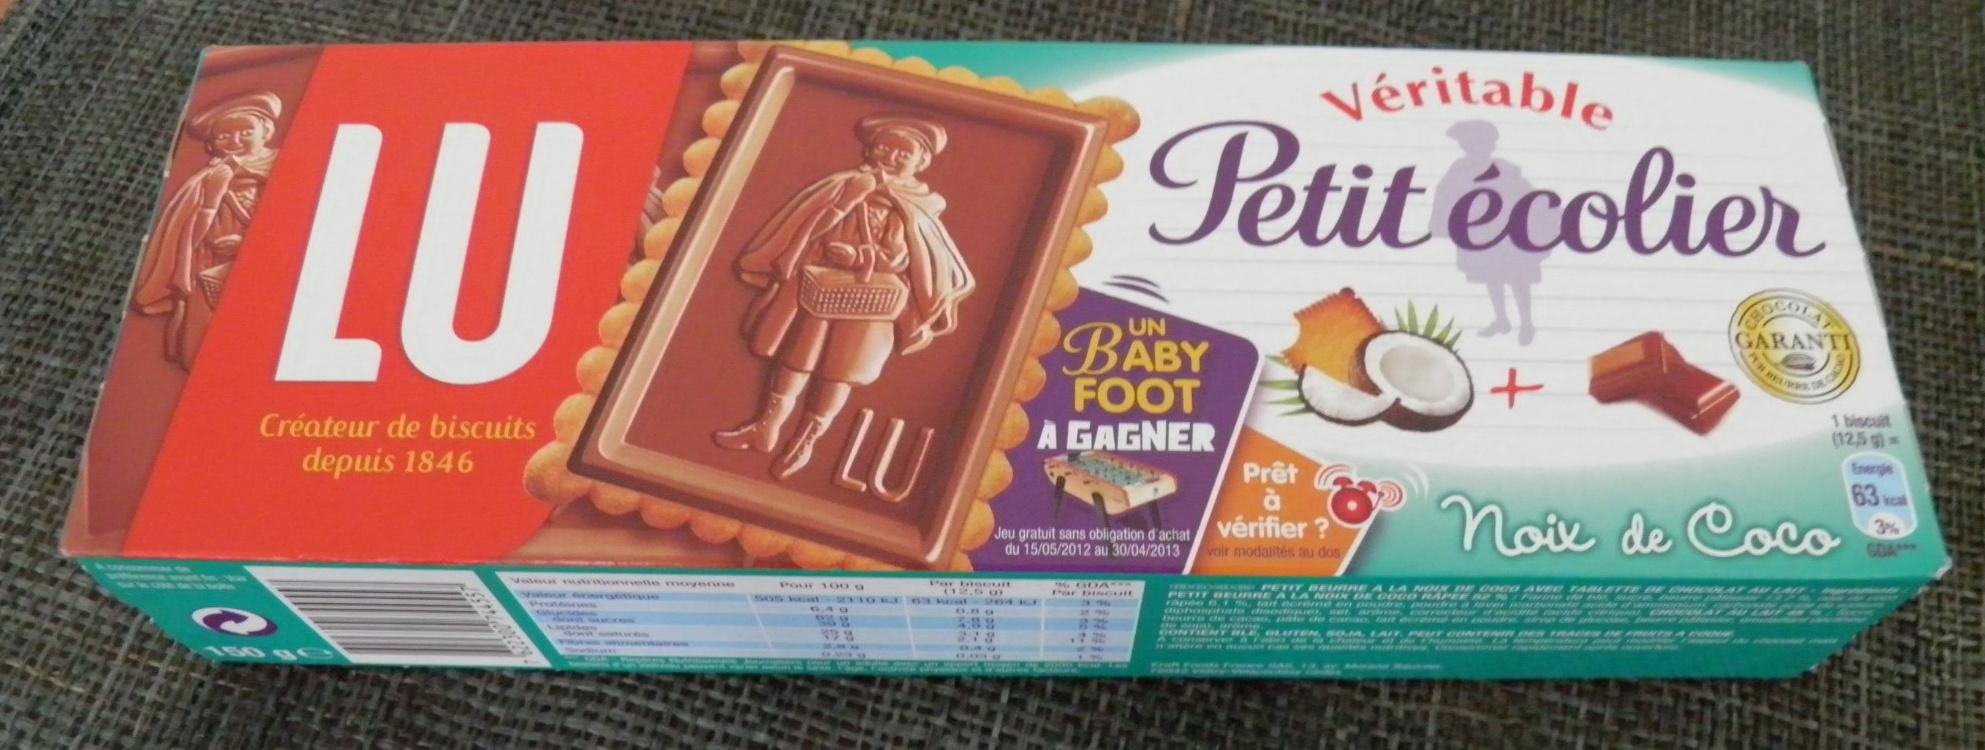 Véritable Petit Écolier Chocolat au Lait + Noix de Coco - Produit - fr